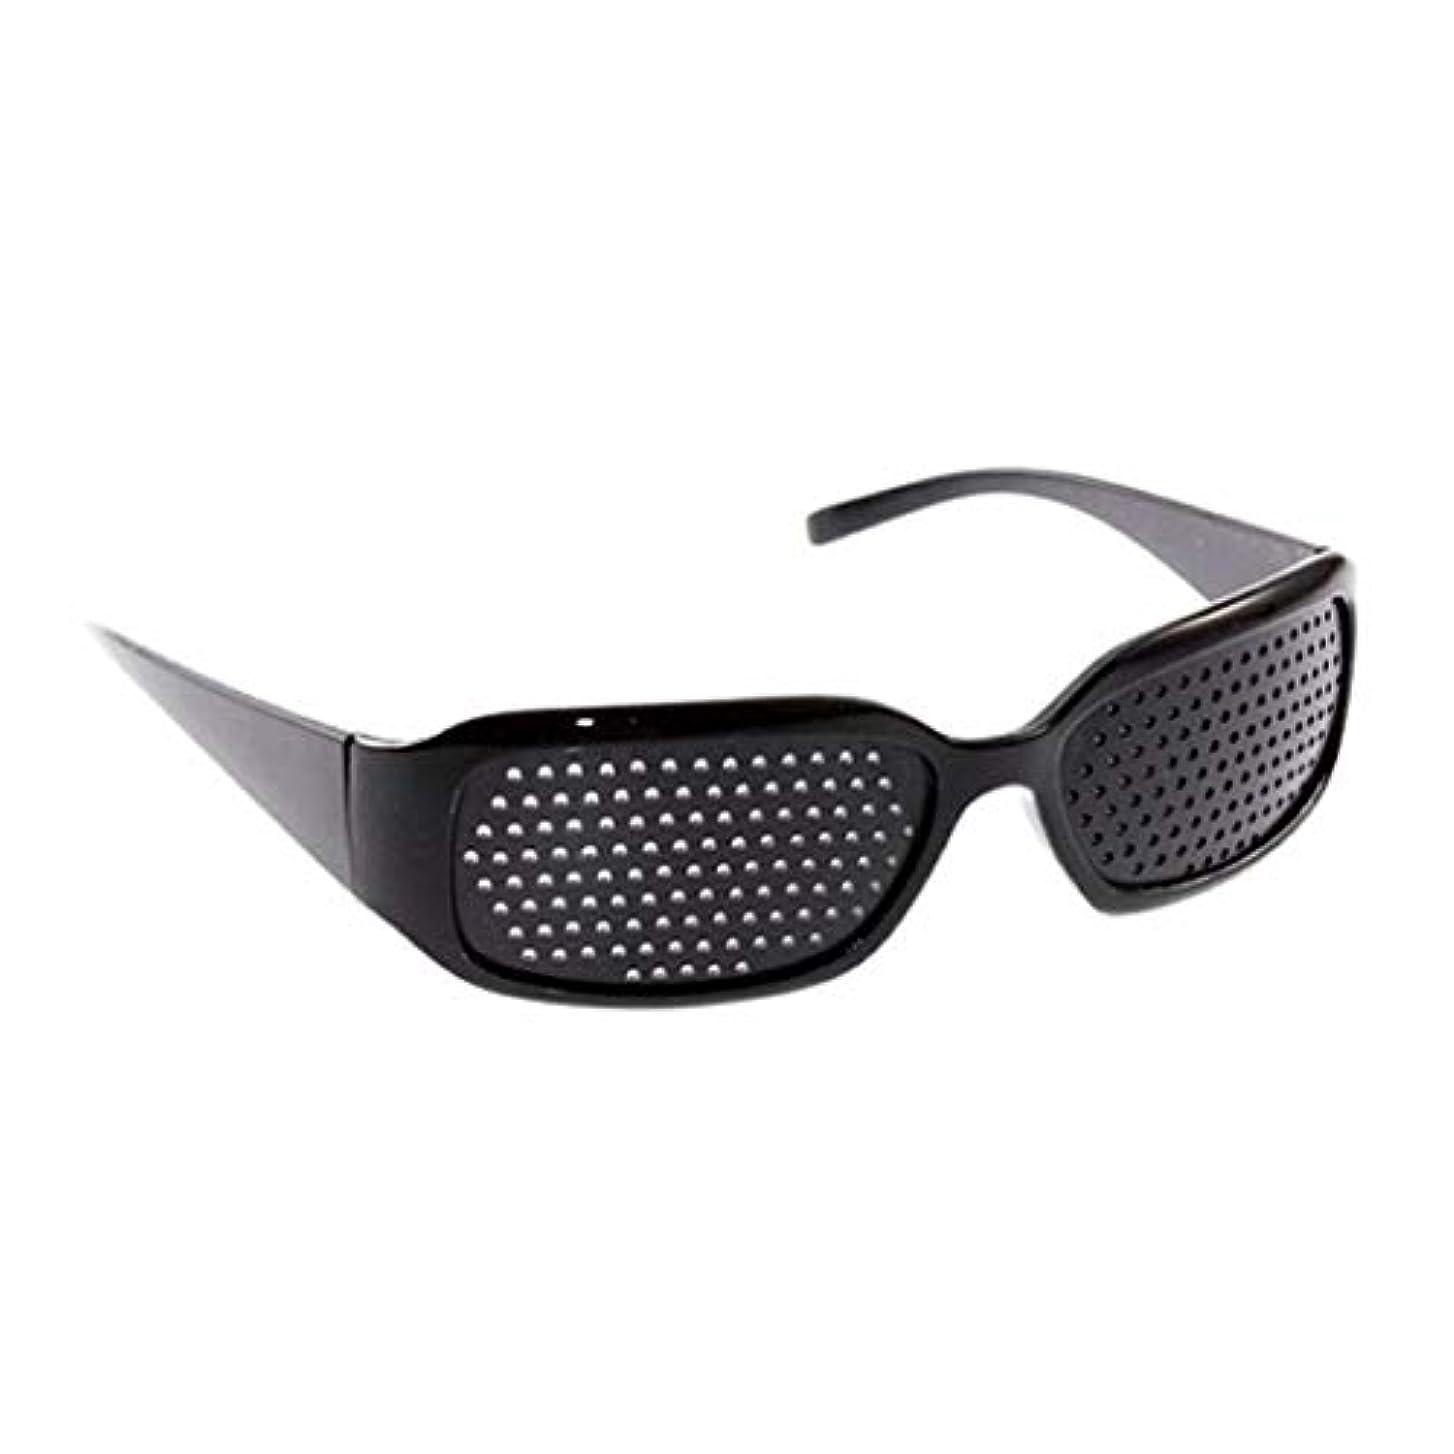 船尾消毒する店主ピンホールメガネ、アイズエクササイズアイサイトビジョンメガネの改善ビジョンケアメガネ近視の防止メガネの改善